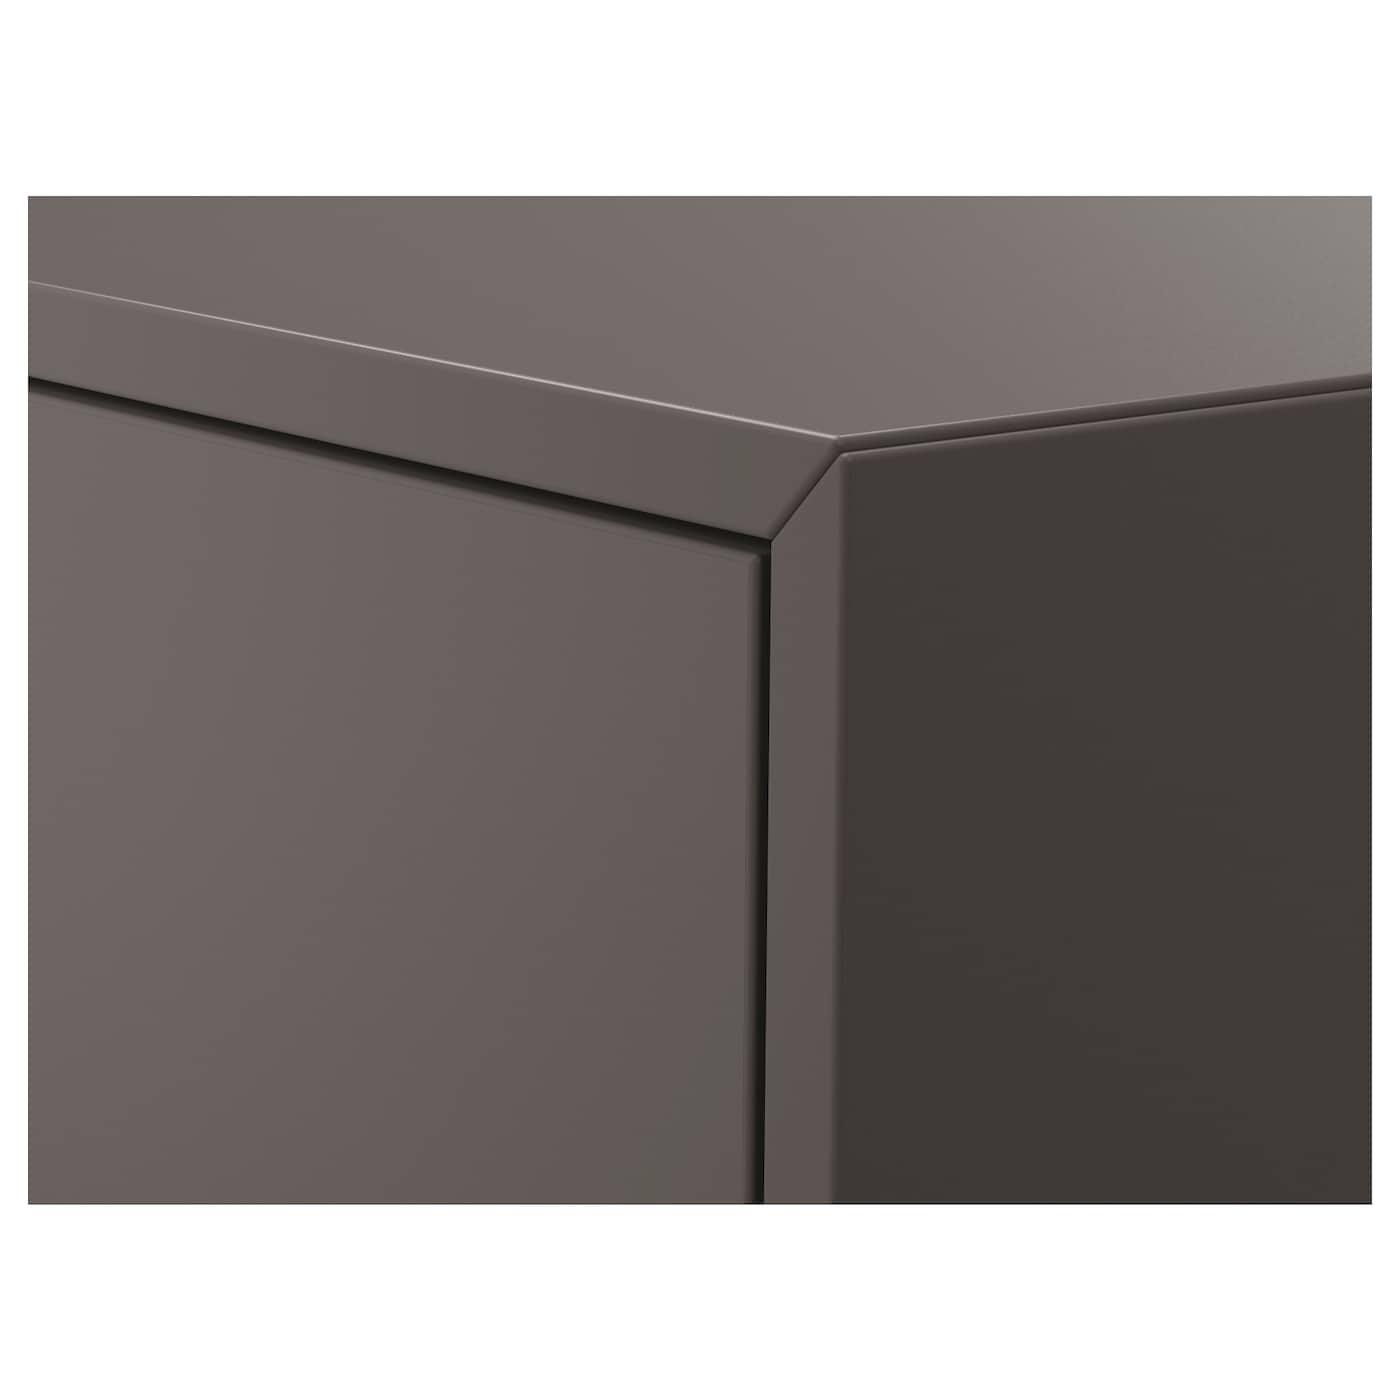 EKET Combinaison rangement murale, gris foncé, 105x25x70 cm